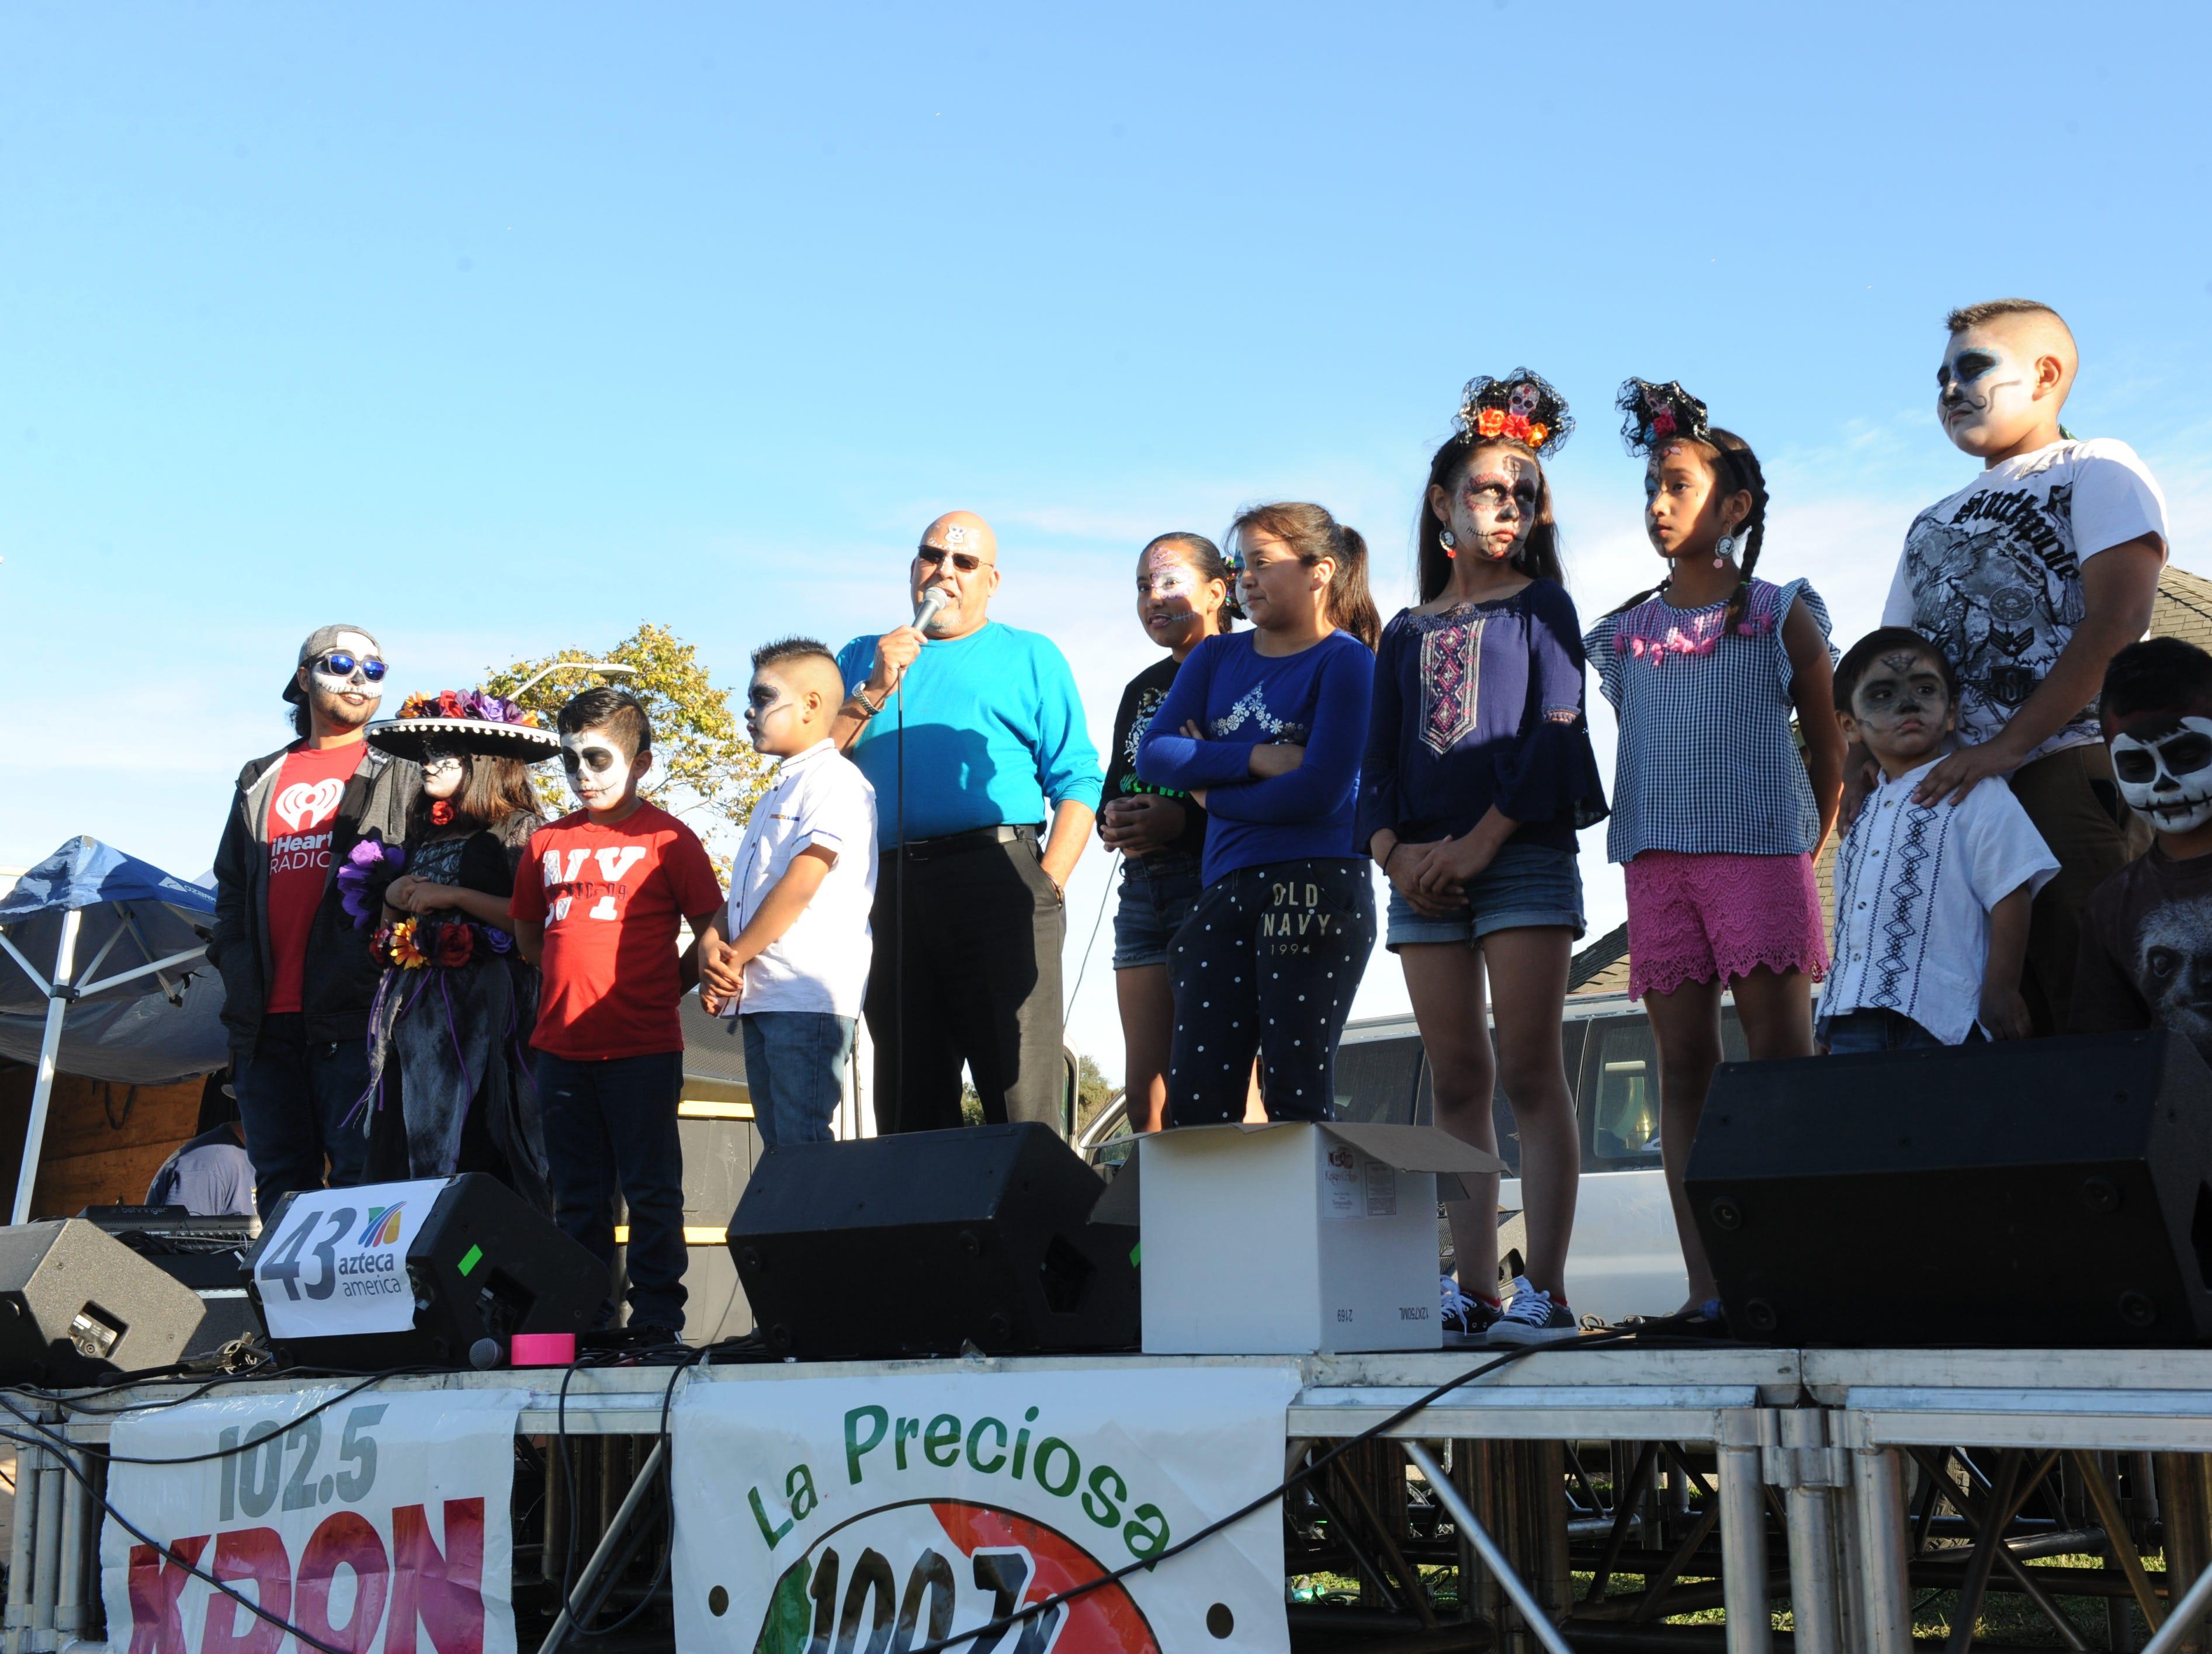 """Youth participate in the Día de los Muertos' La Calavera Catrina, or """"The Elegant Skeleton,"""" contest in Salinas on Sunday. Jose Valenzuela, of La Preciosa radio, announced the young contestants."""